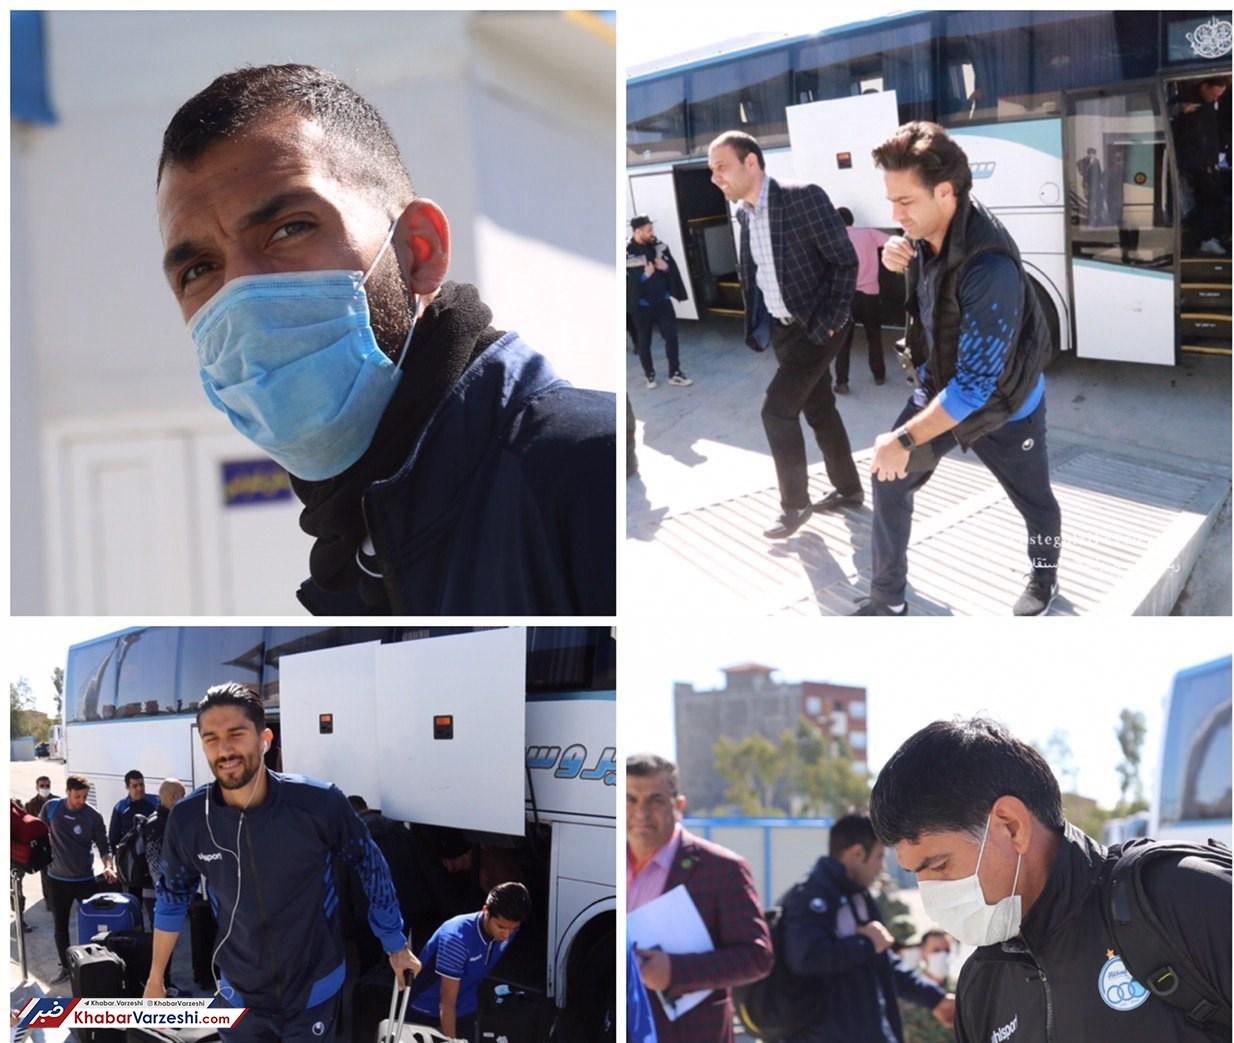 عکس| بازیکنان استقلال با ماسک در ورزشگاه سیرجان